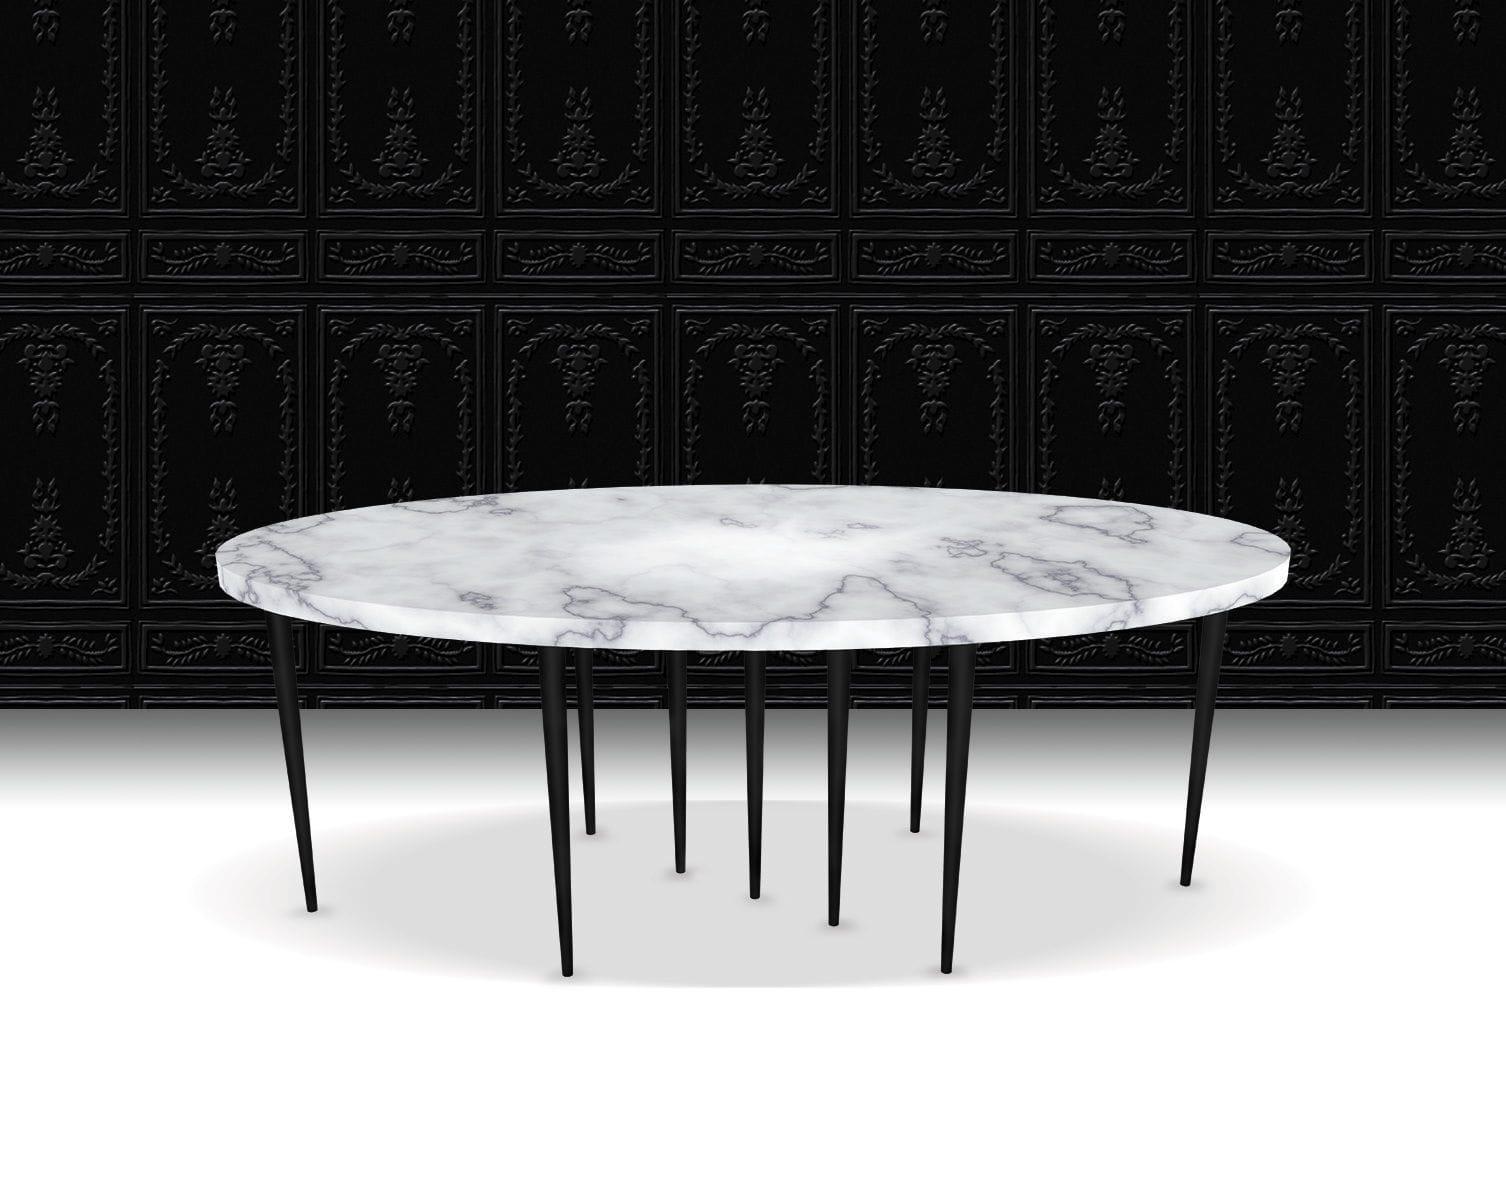 Marmortisch Gewicht 60x110 Marmor Tisch Ws Chr Von Rge Online